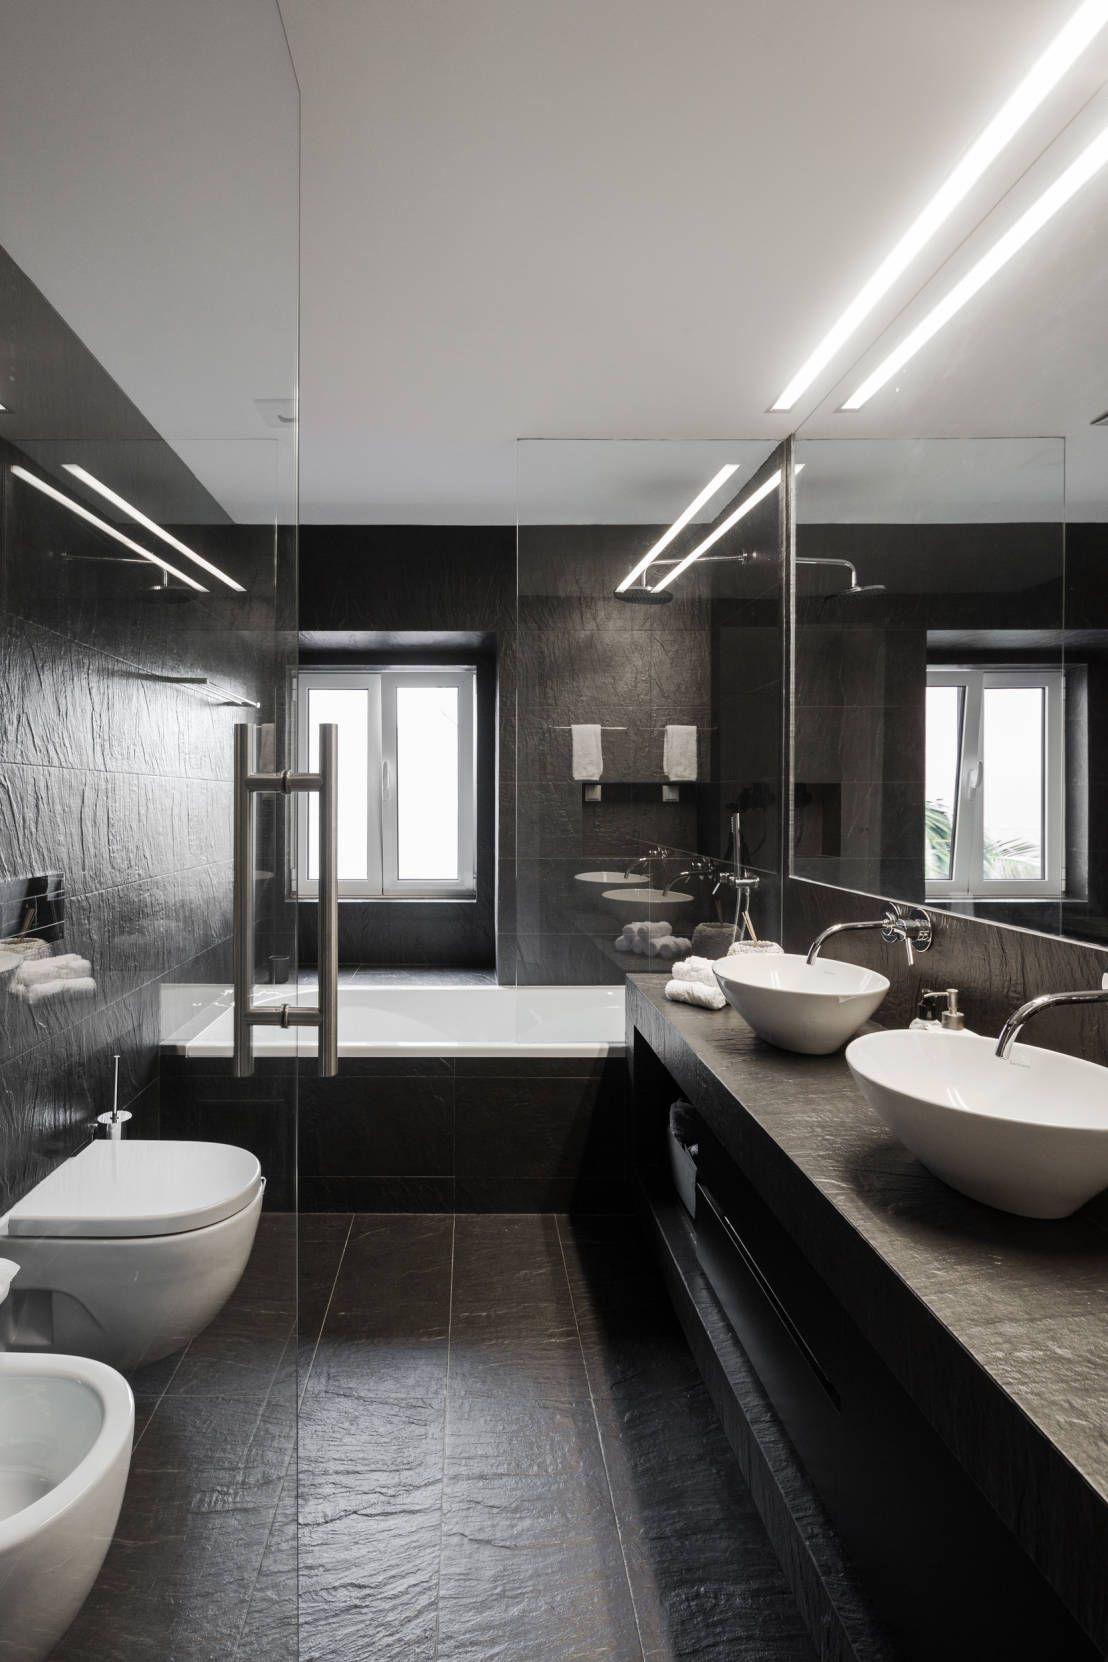 comment se d barrasser de la moisissure salle de bains. Black Bedroom Furniture Sets. Home Design Ideas